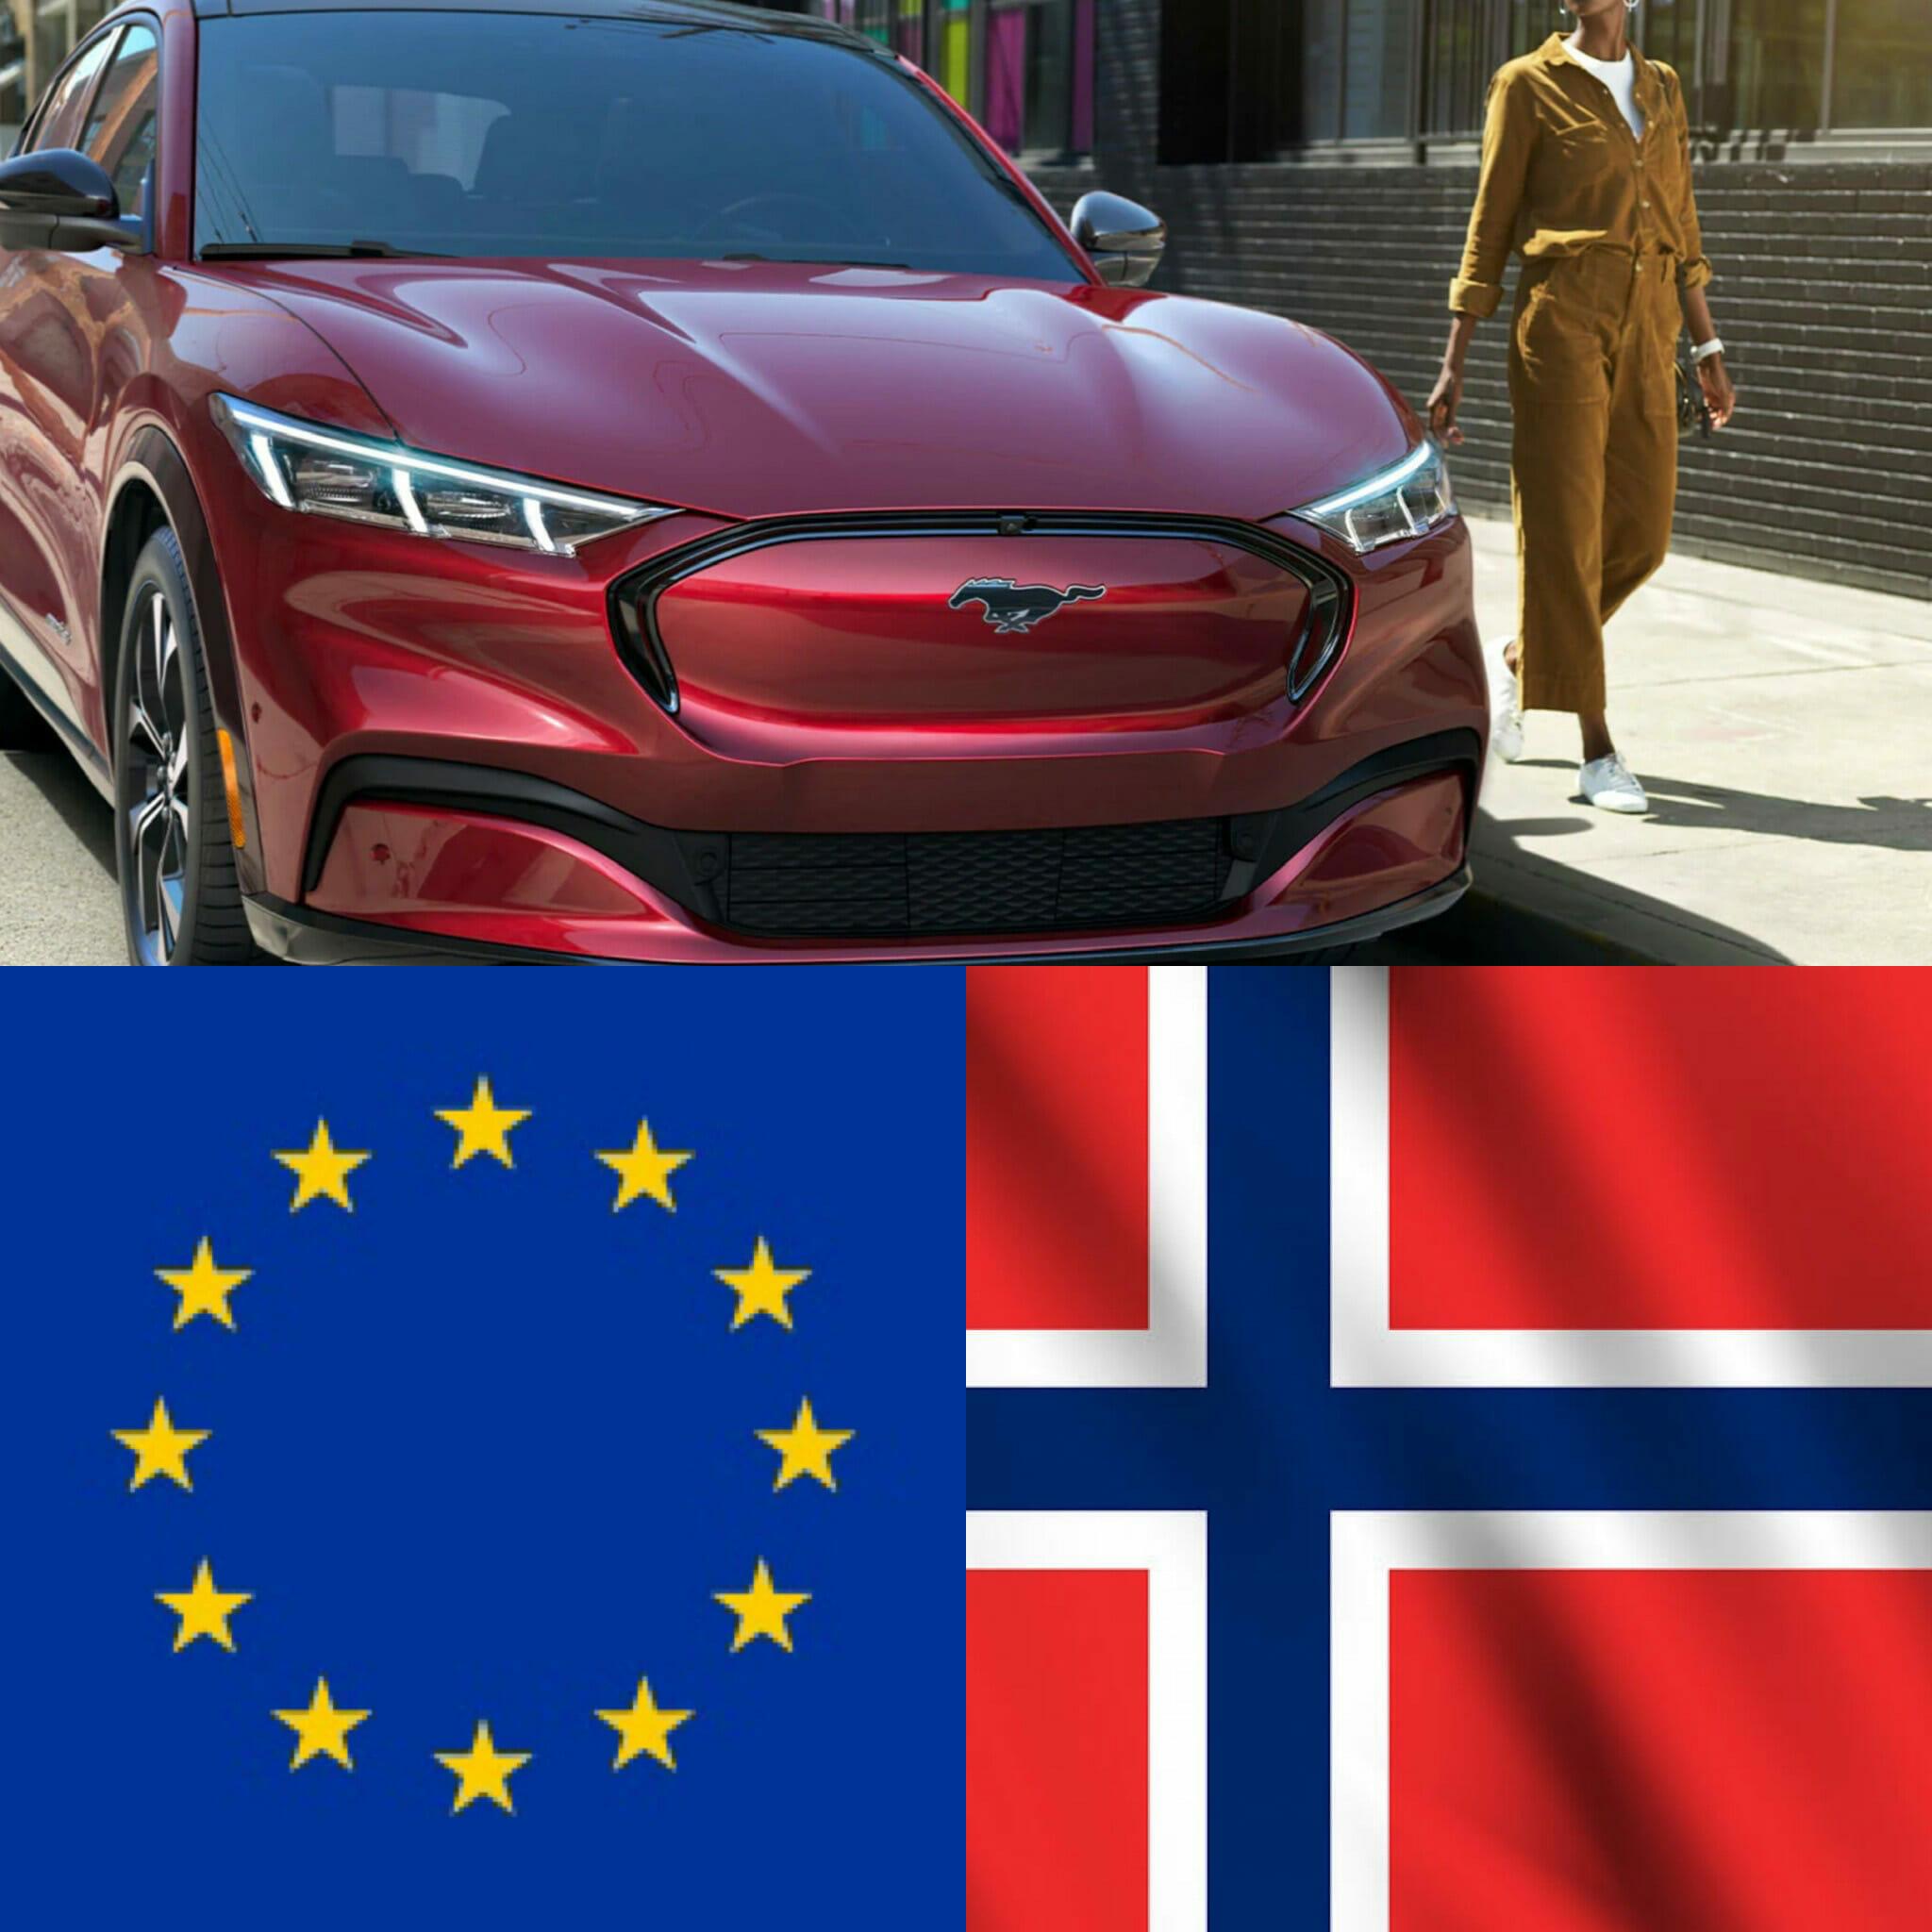 フォード・マスタングマックEとヨーロッパ